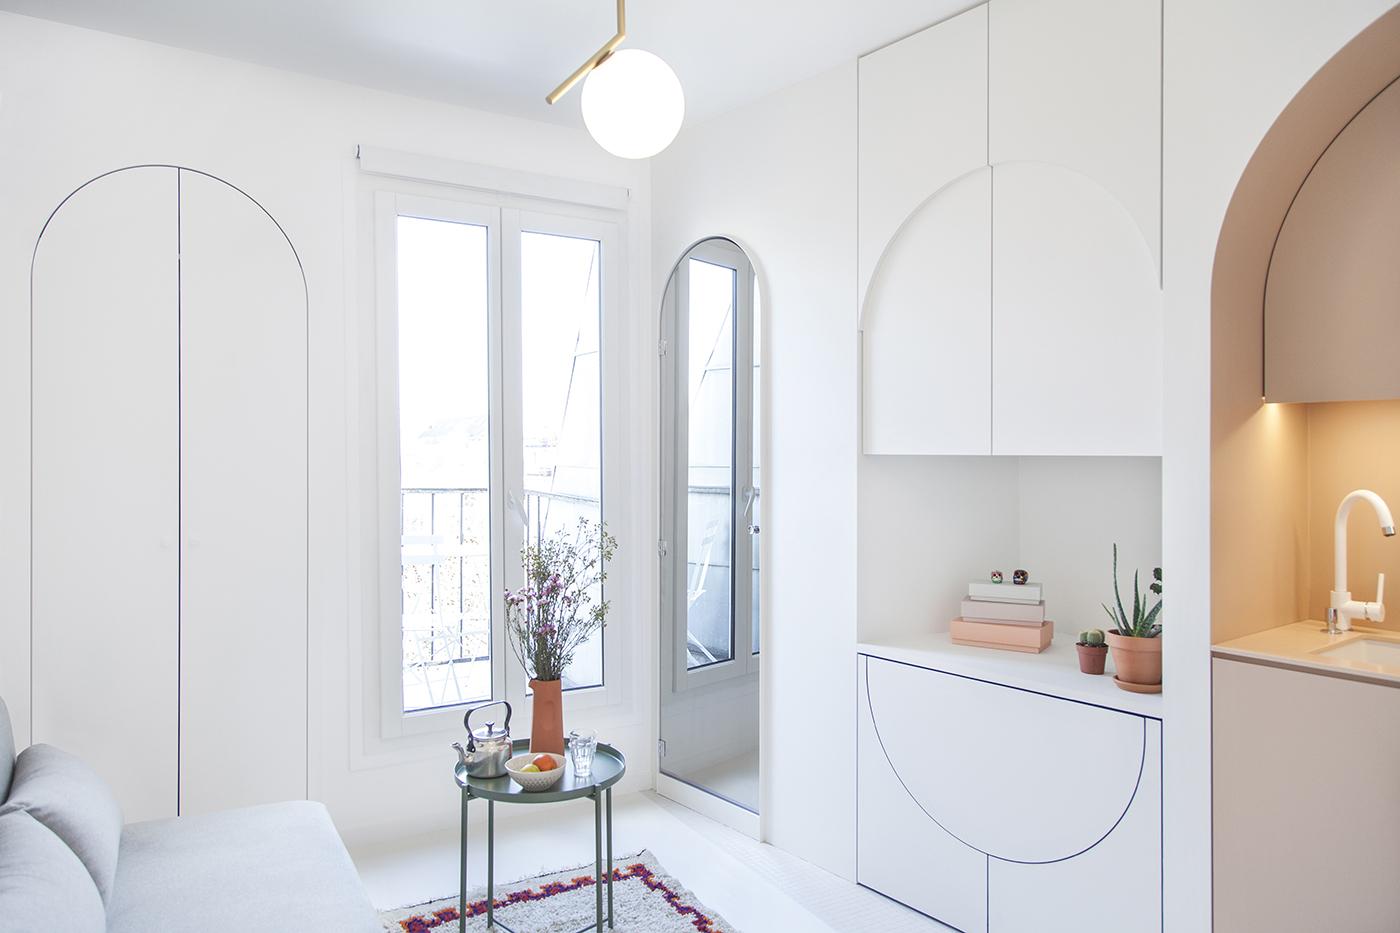 renovation-micro-studio-parisien-batik-mobilier-multifonctions-petite-surface